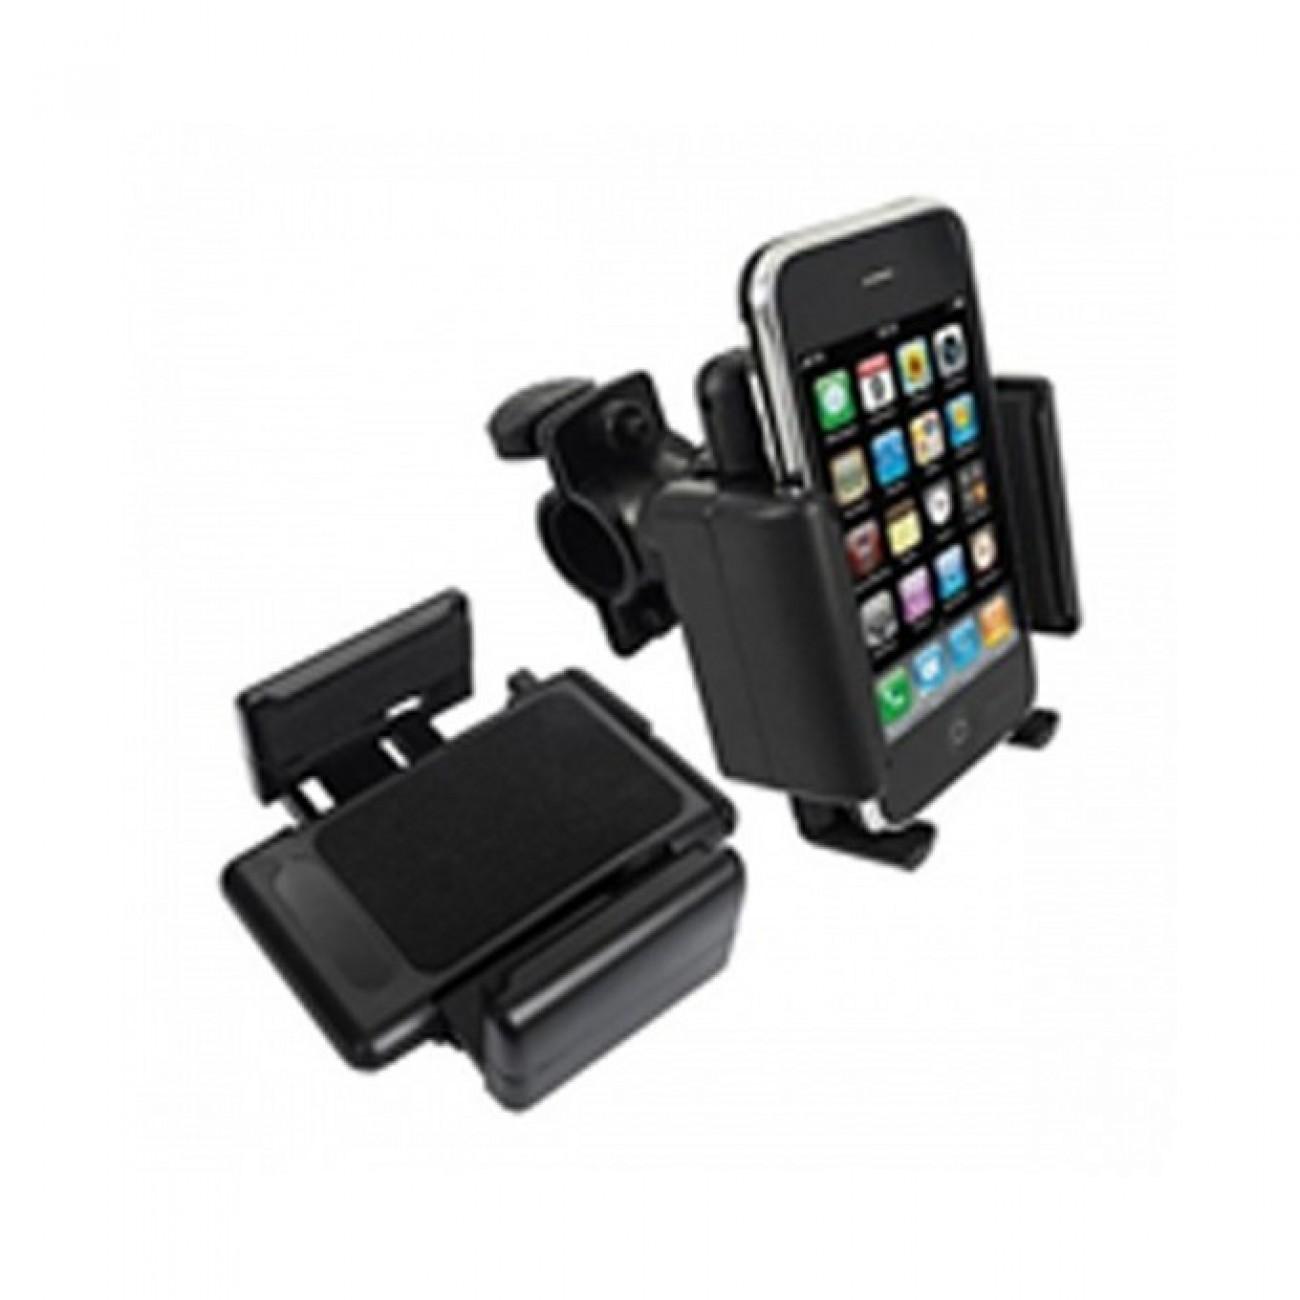 Универсална стойка за GPS/GSM, за колело в Други аксесоари за Телефони -  | Alleop